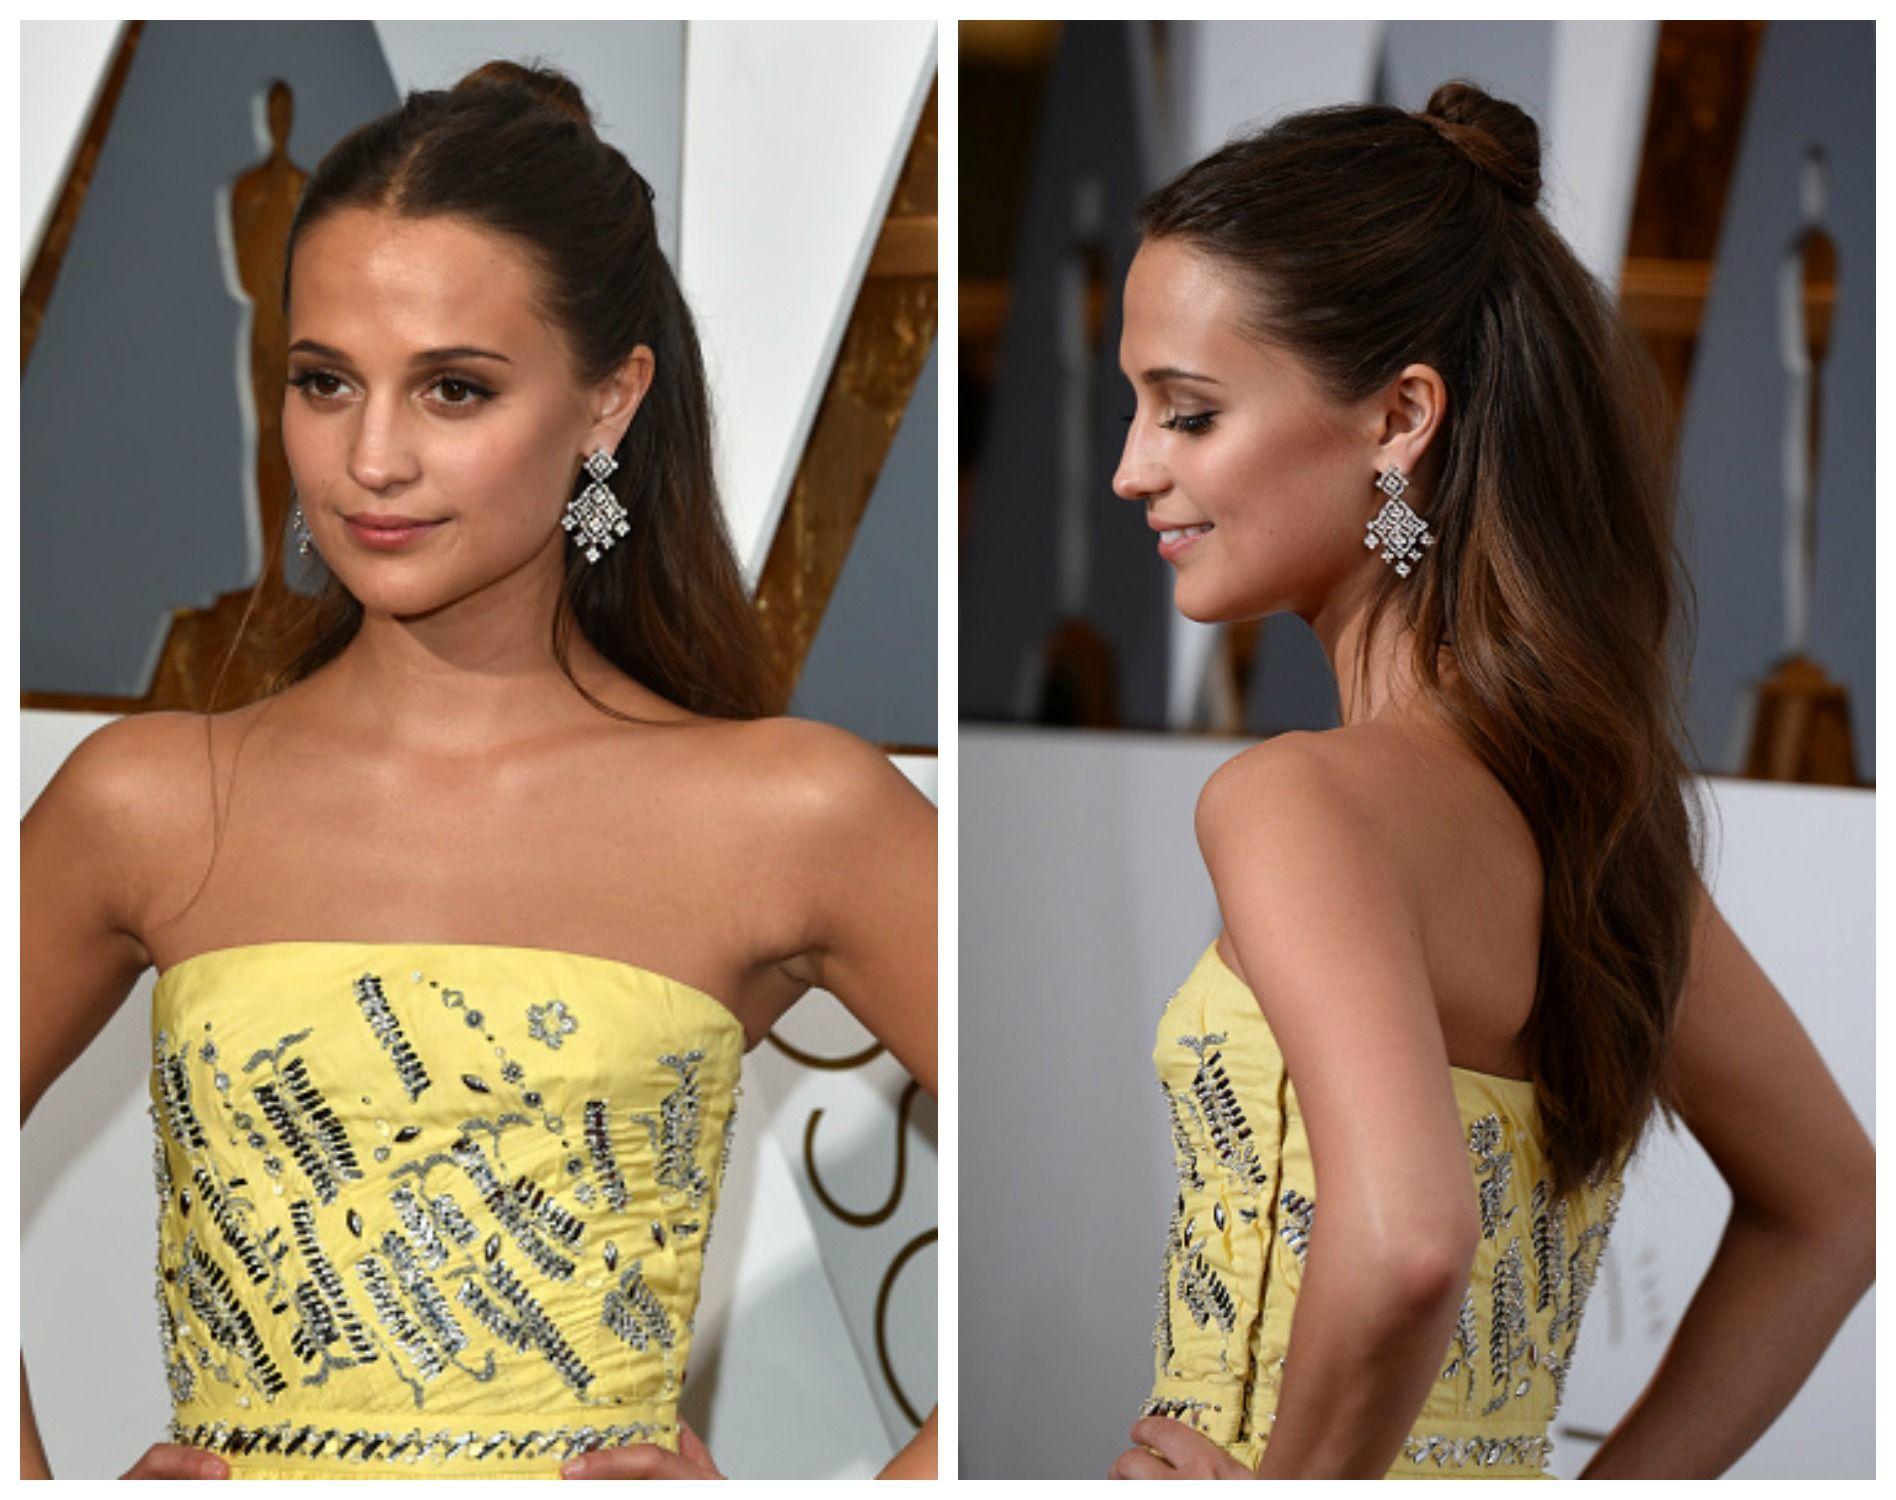 Meio coque, o penteado eleito por Alicia Vikander para o Oscar 2016